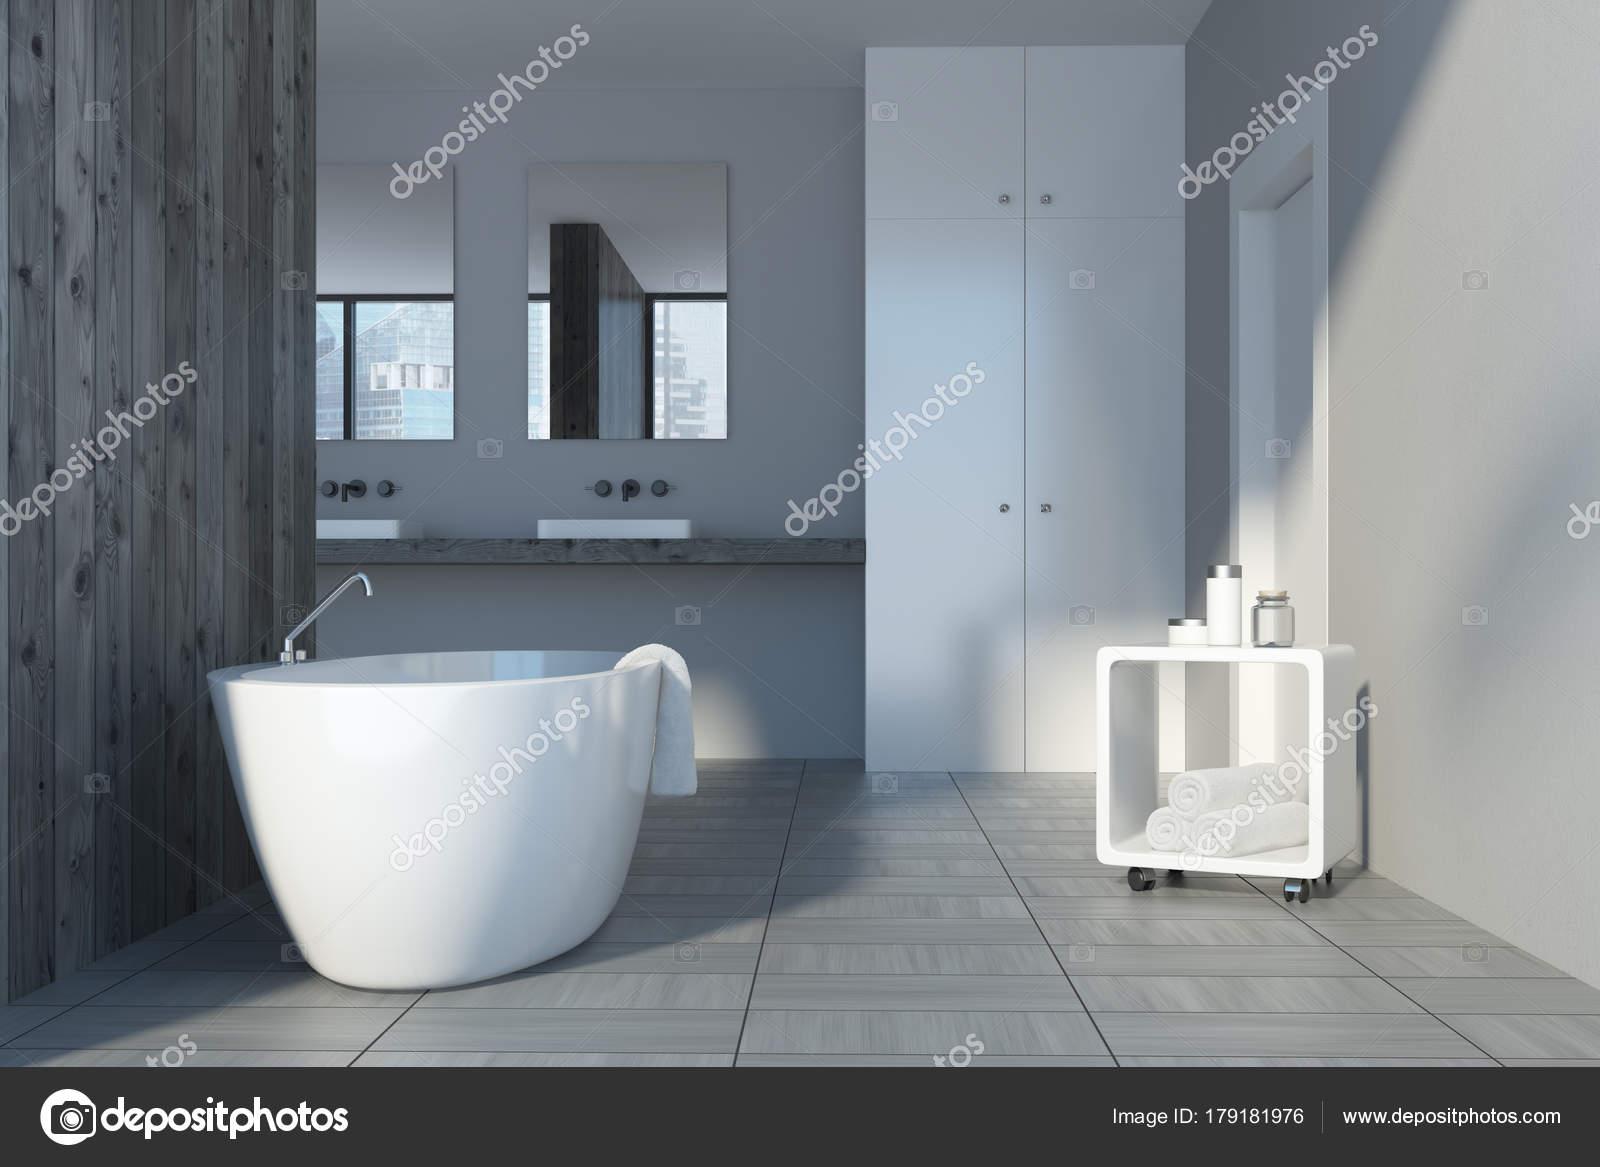 Grijs en houten badkamer interieur bad u stockfoto